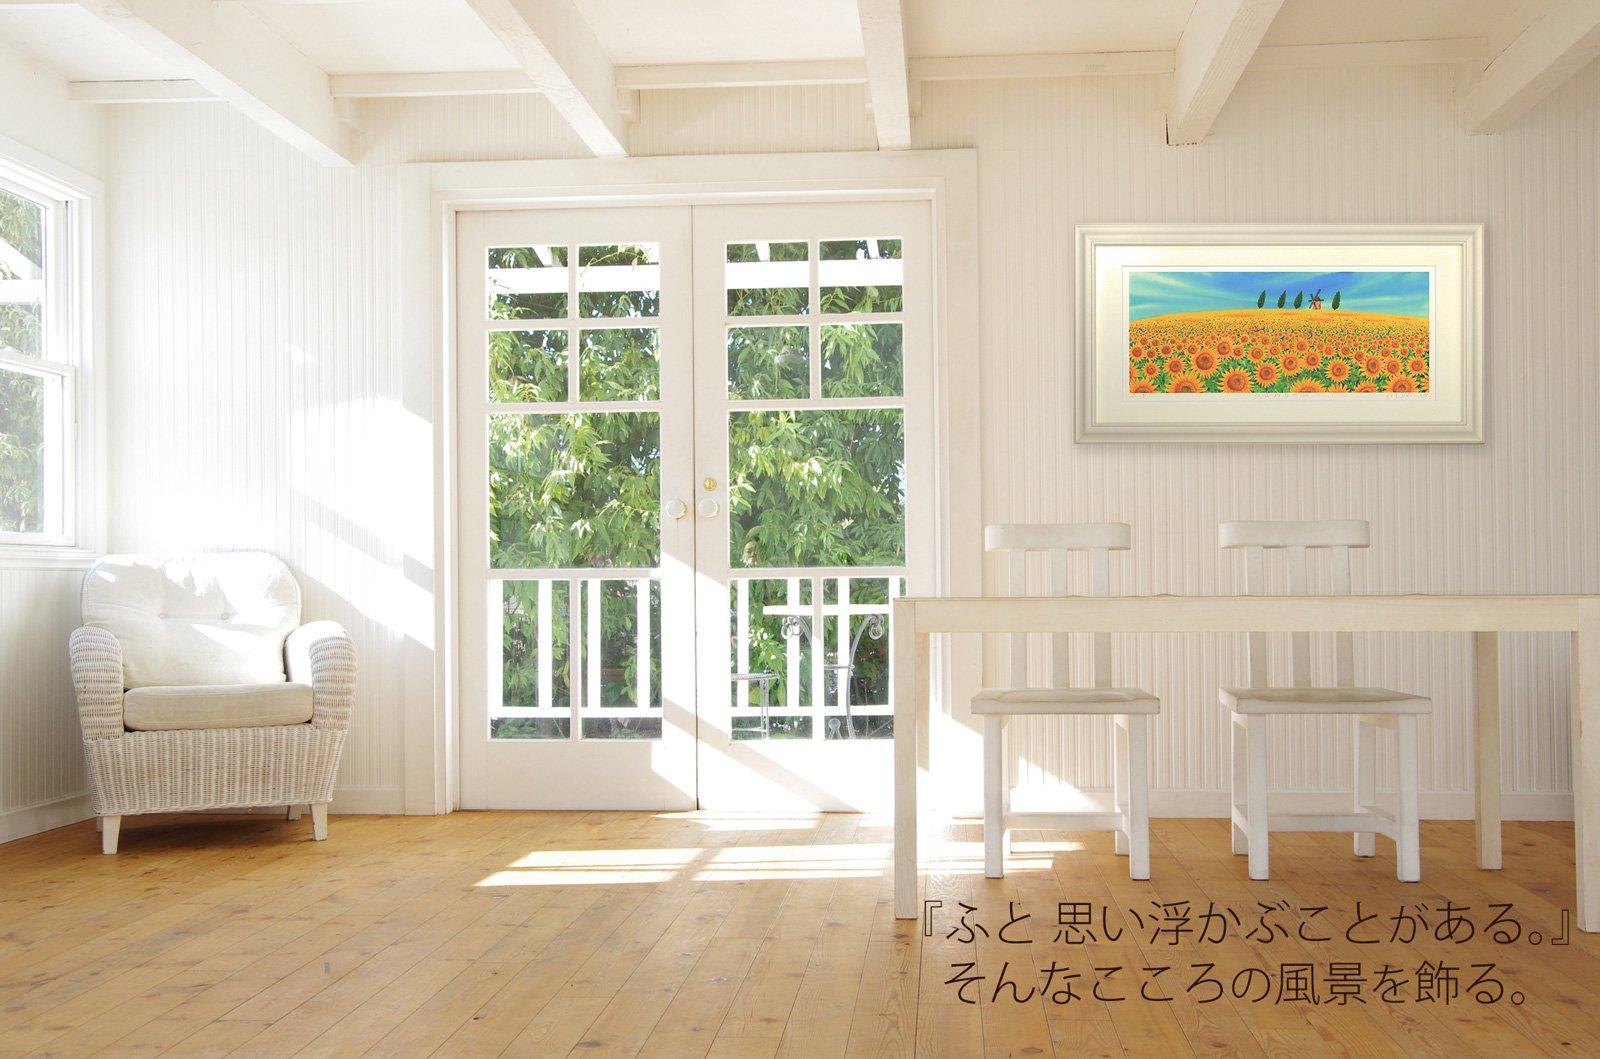 《絵画 水彩画》菜の花の丘〔栗乃木ハルミ くりのきはるみ 〕